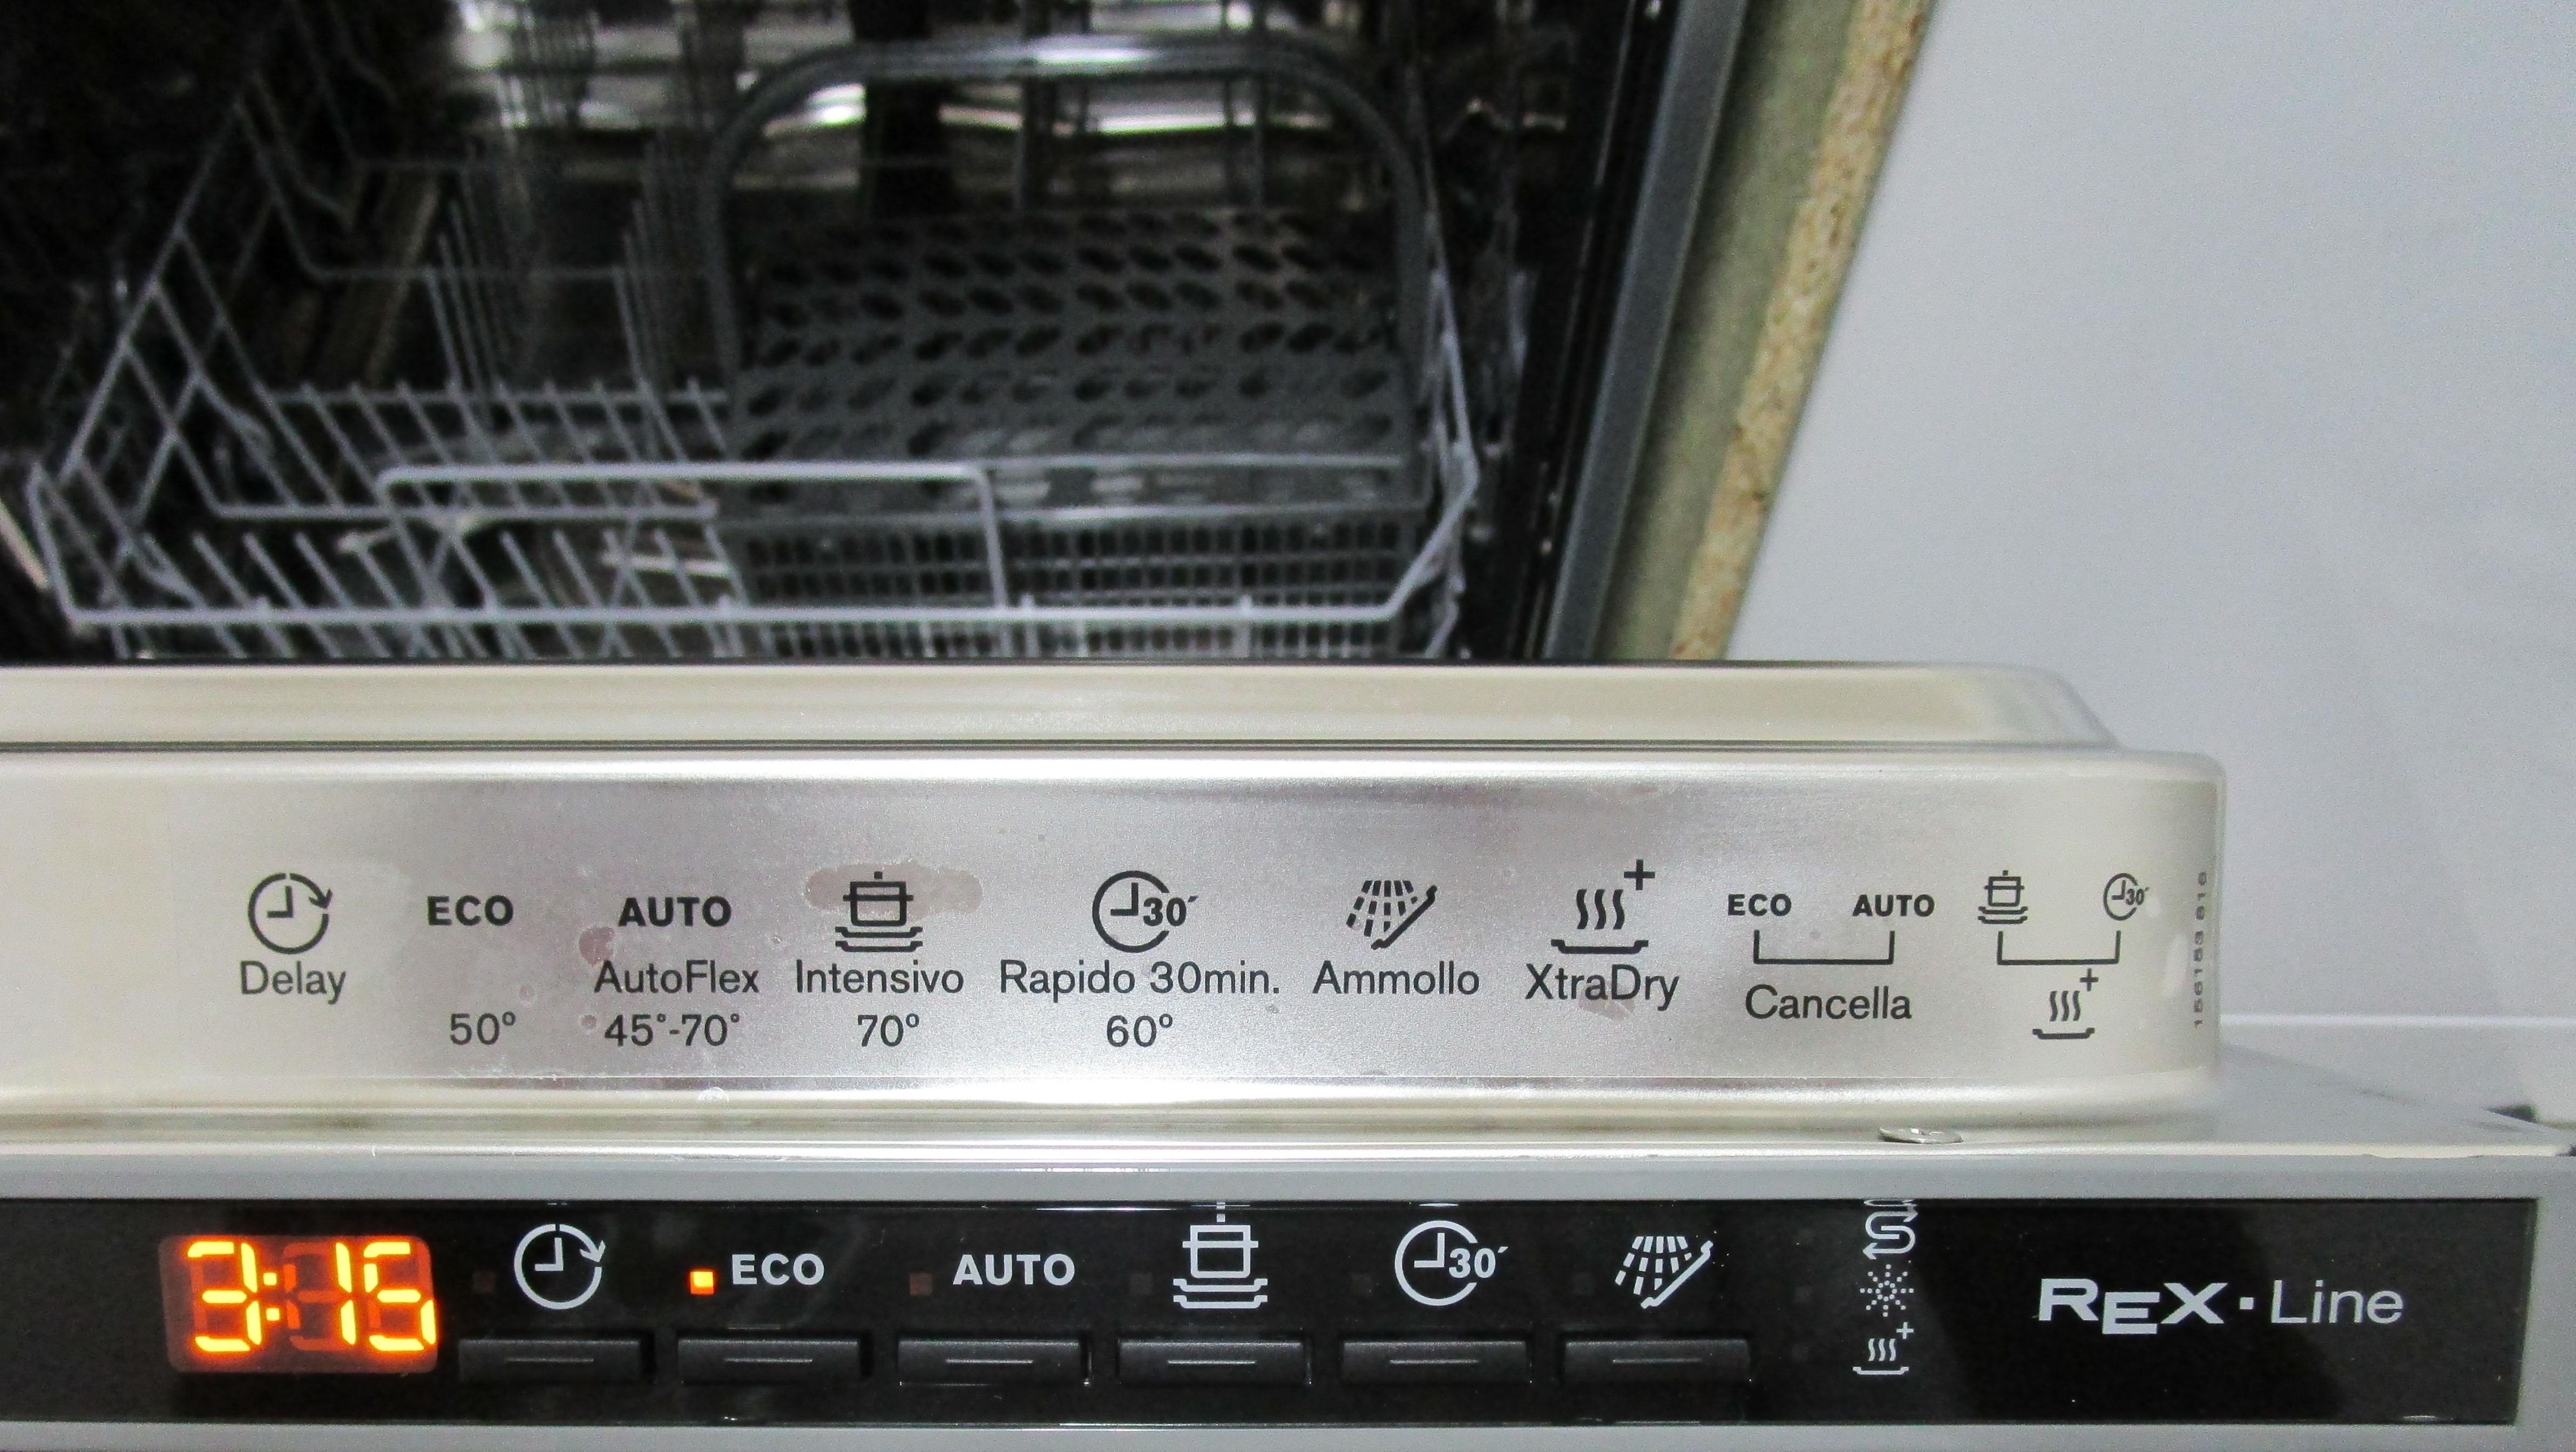 I dettagli del test archiviato sulle lavastoviglie ...